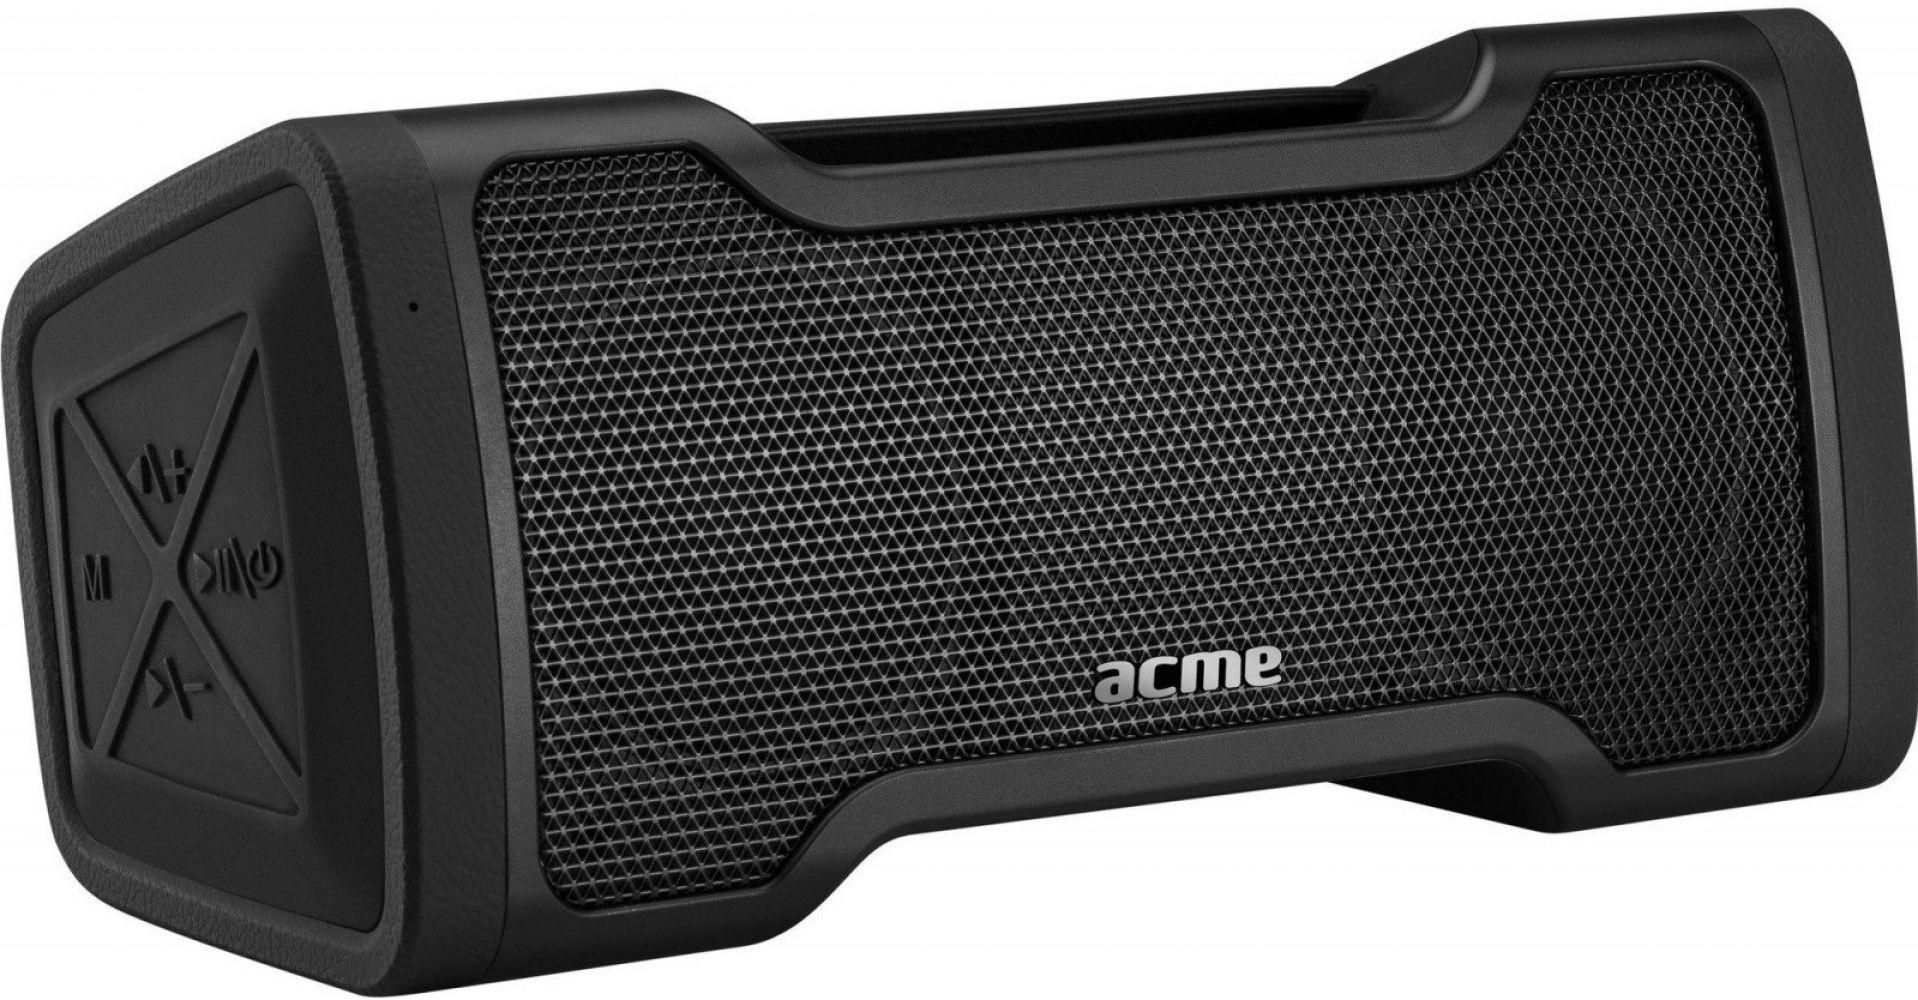 Портативная акустика Acme PS408 Bluetooth Outdoor Speaker (4770070880005) Black  - купить со скидкой